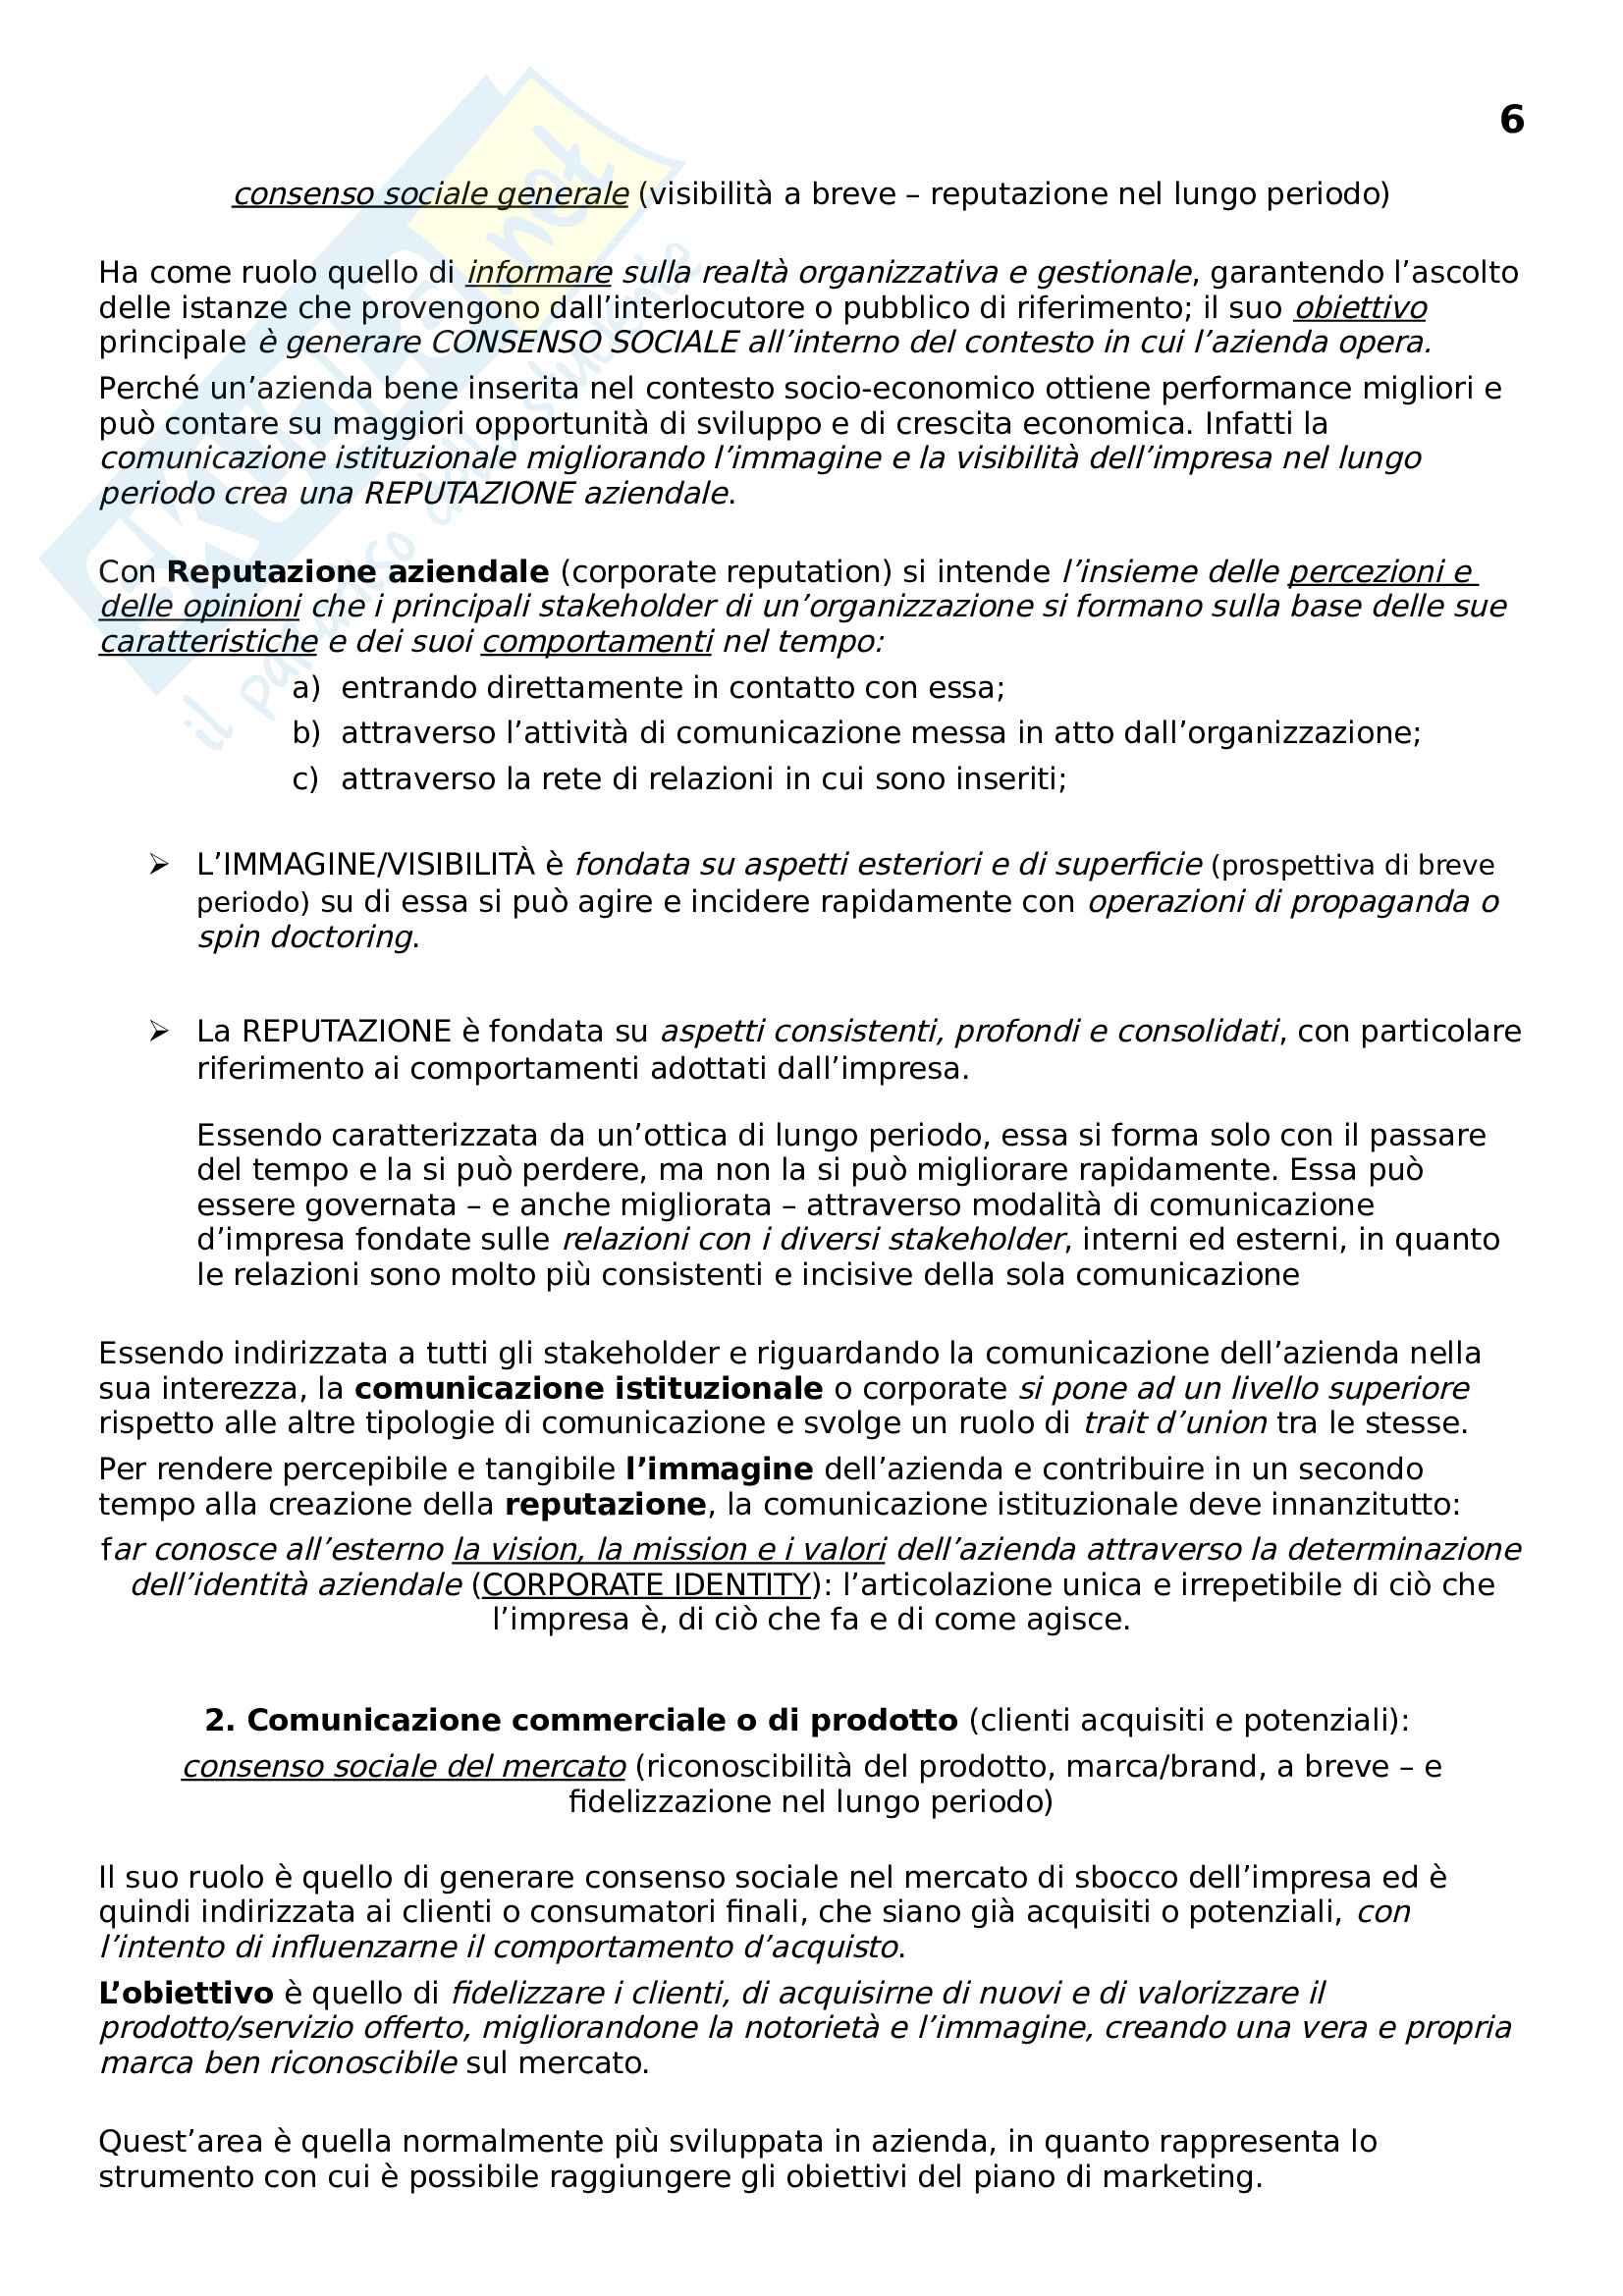 Comunicazione Finanziaria delle banche ed Assicurazioni Pag. 6